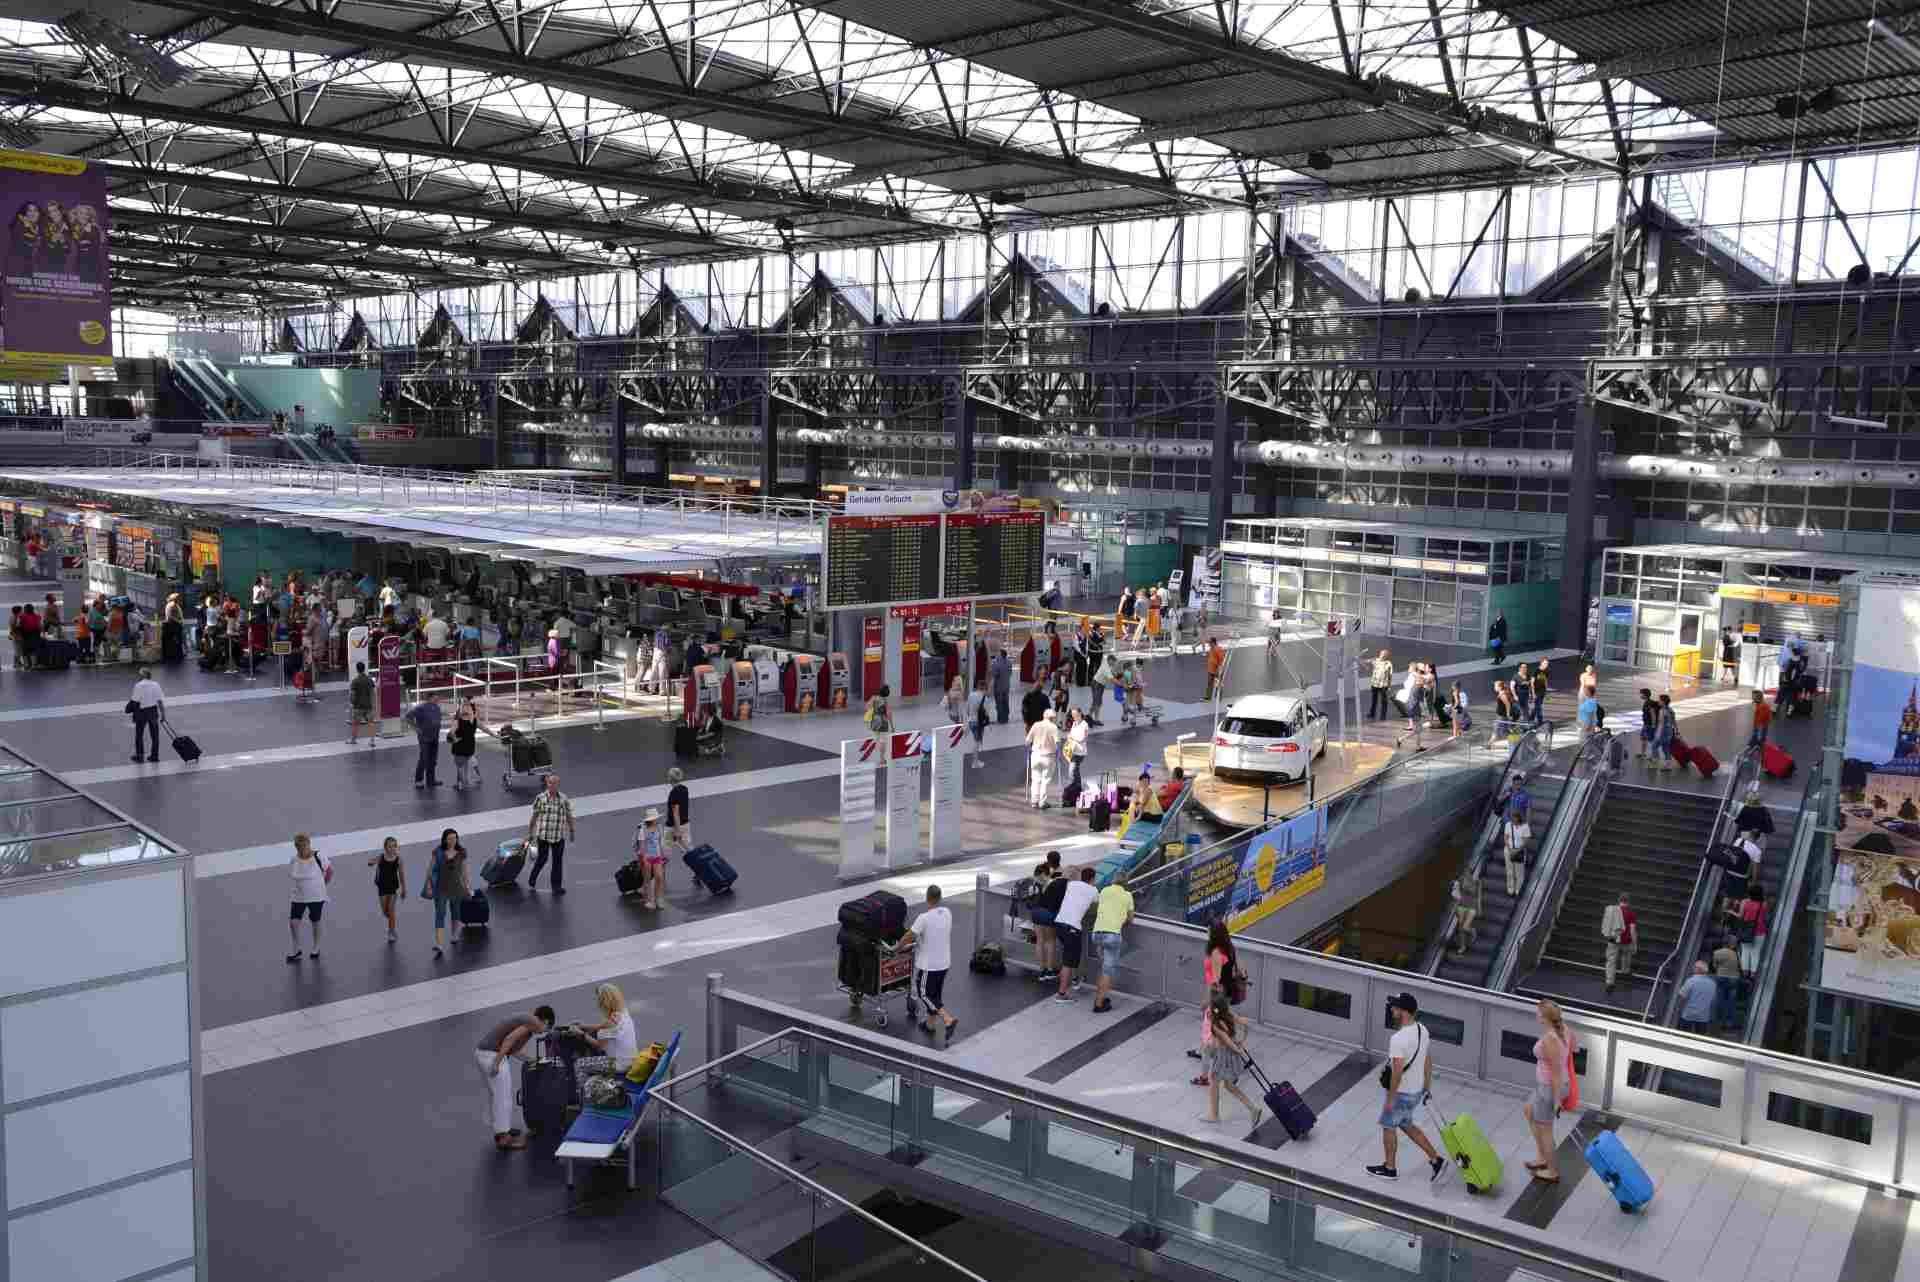 Flughafen Dresden Terminal Innenansicht